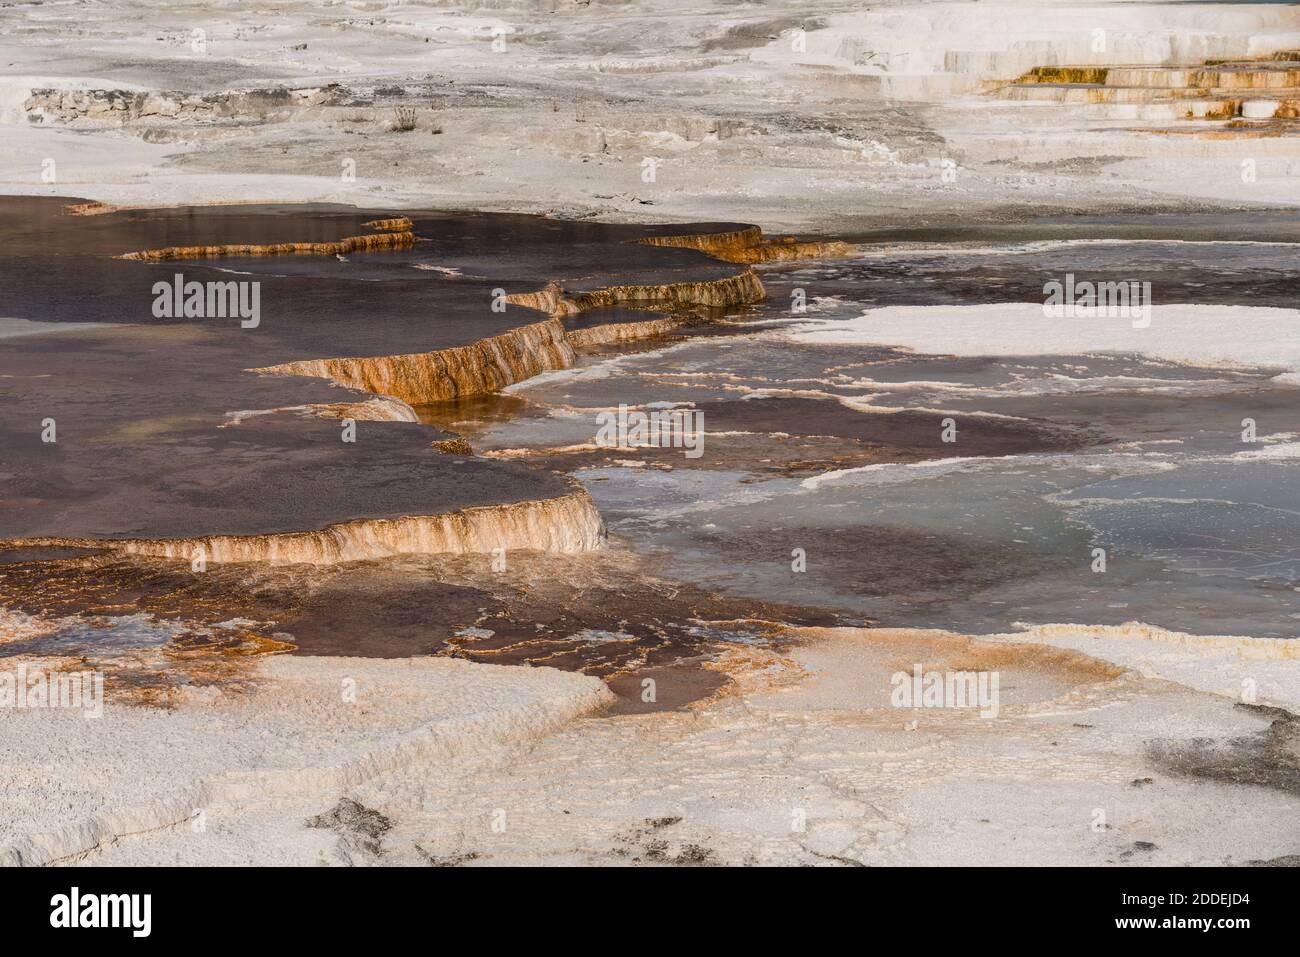 Terrazas de manantial Canario, Terraza Principal, Mammoth Hot Springs, Parque Nacional Yellowstone, Wyoming, Estados Unidos. Foto de stock